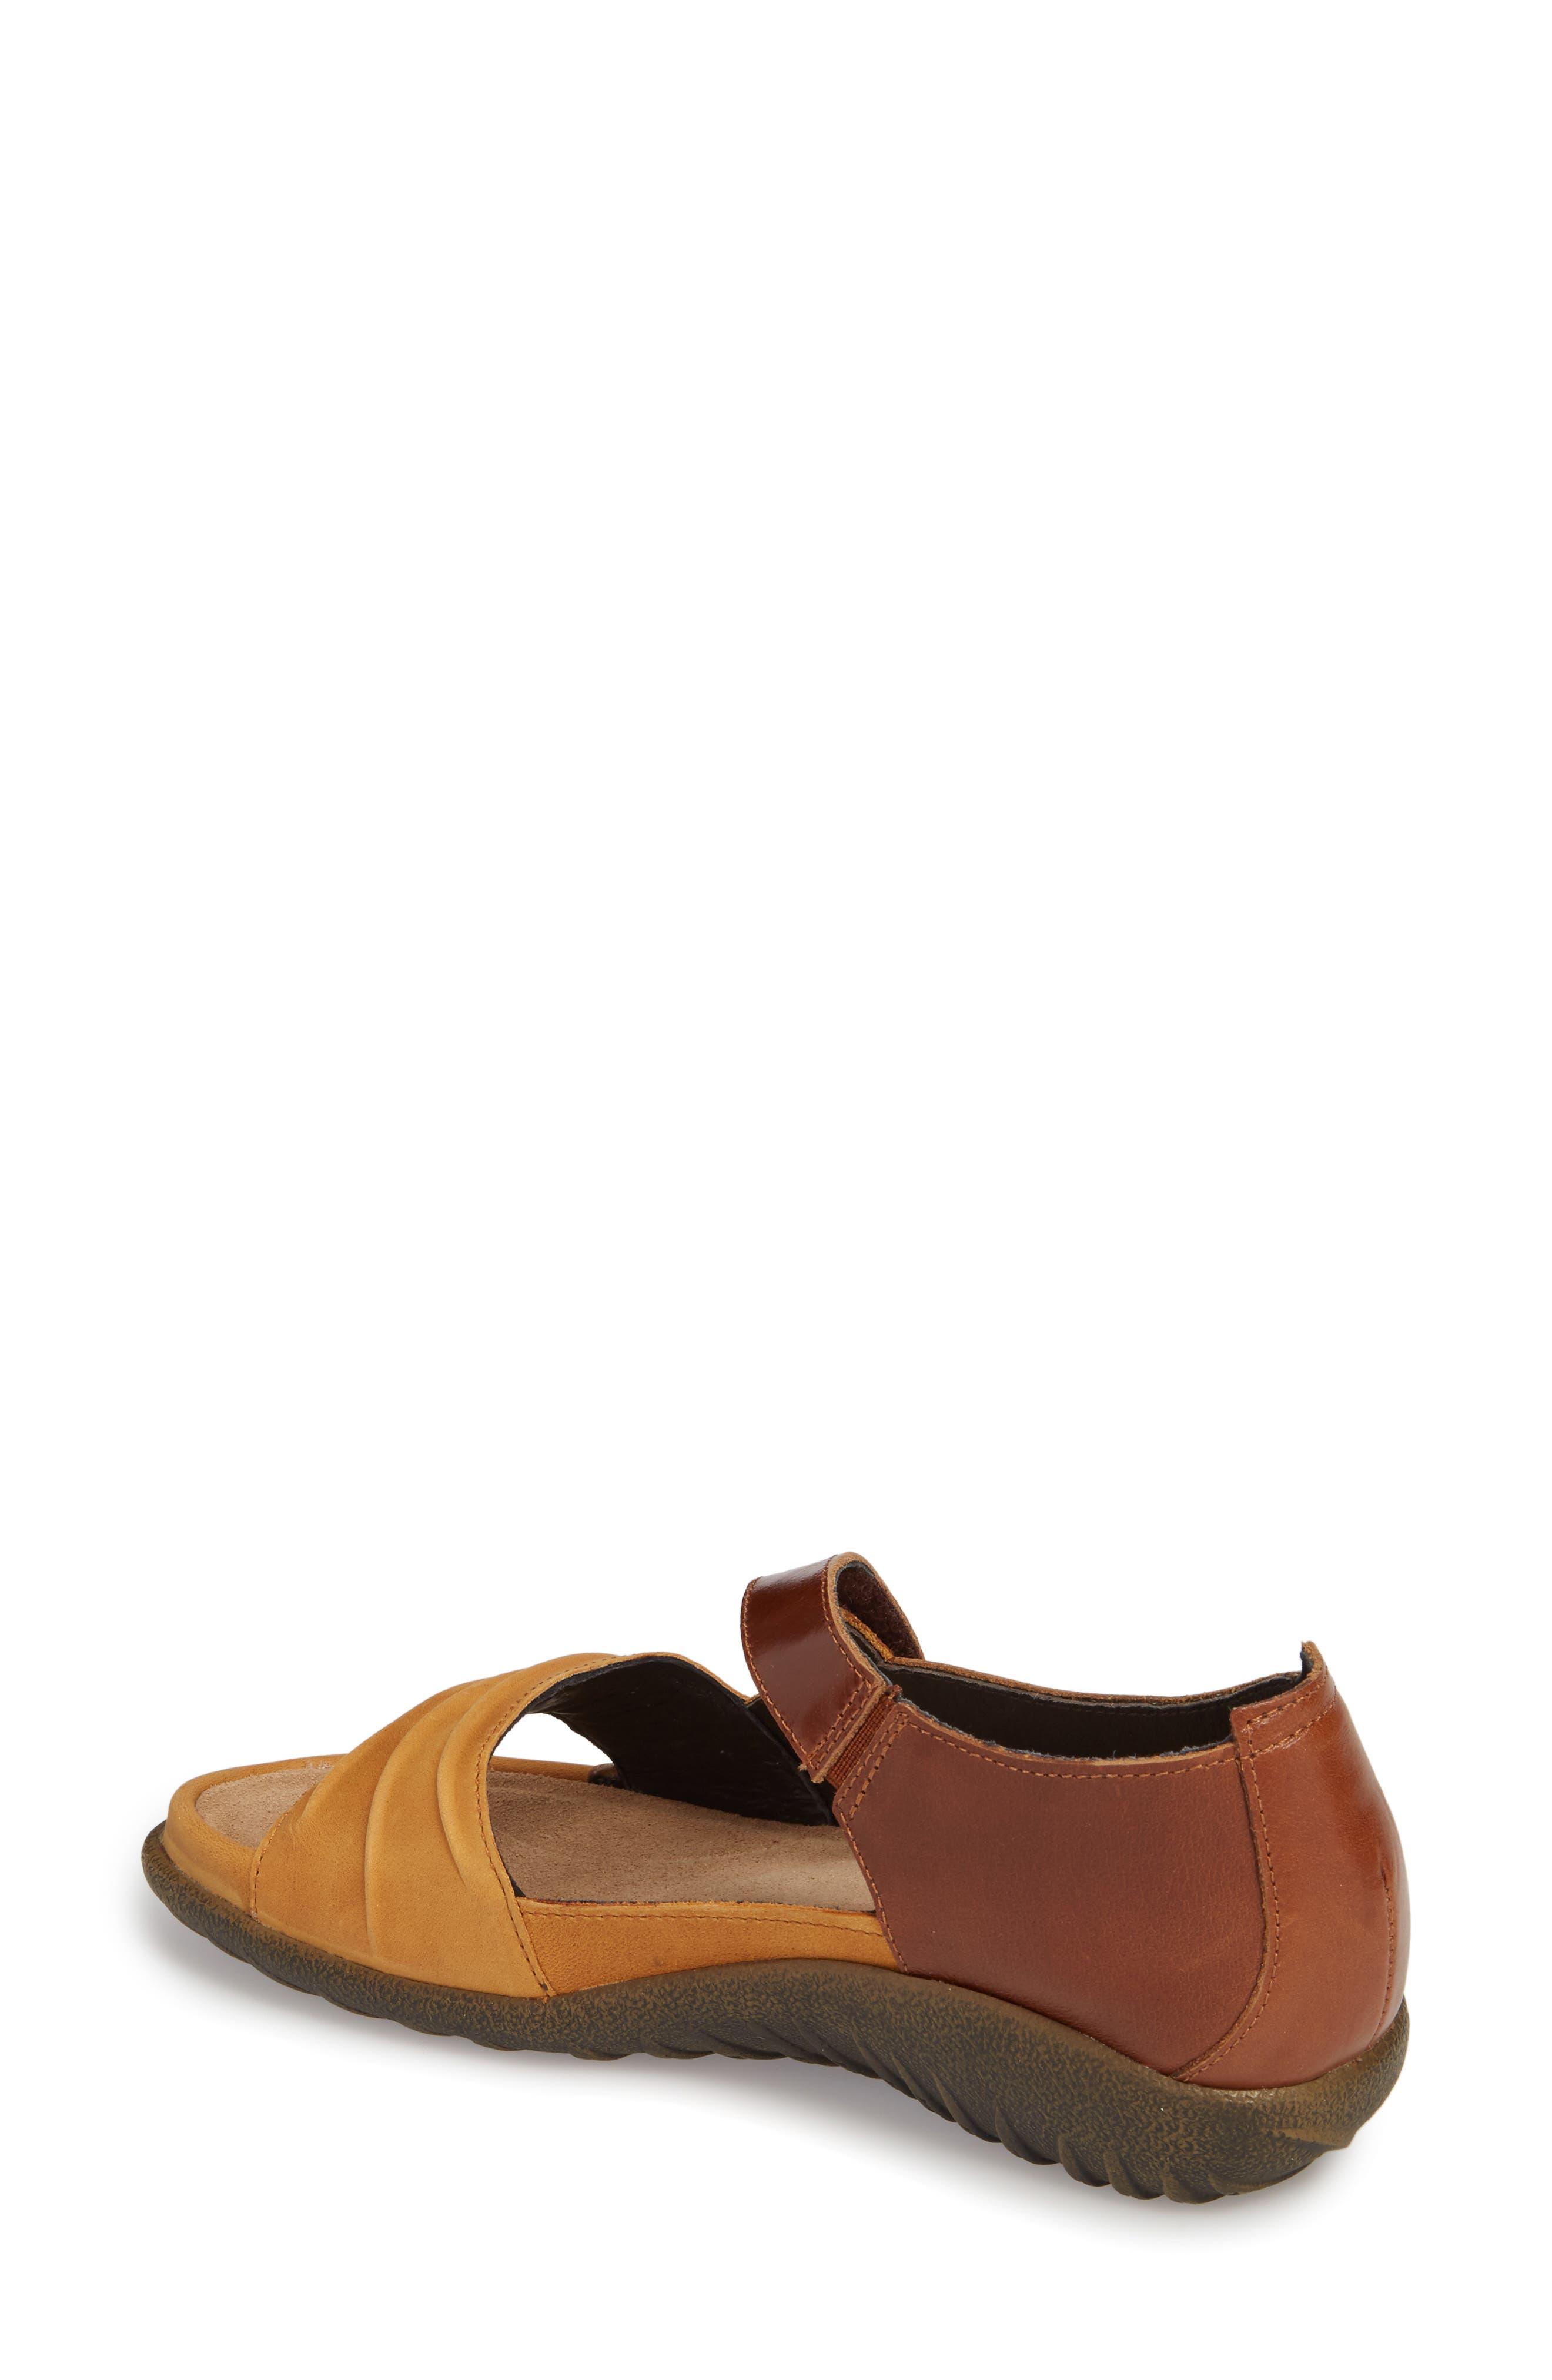 NAOT, 'Papaki' Sandal, Alternate thumbnail 2, color, OILY DUNE NUBUCK